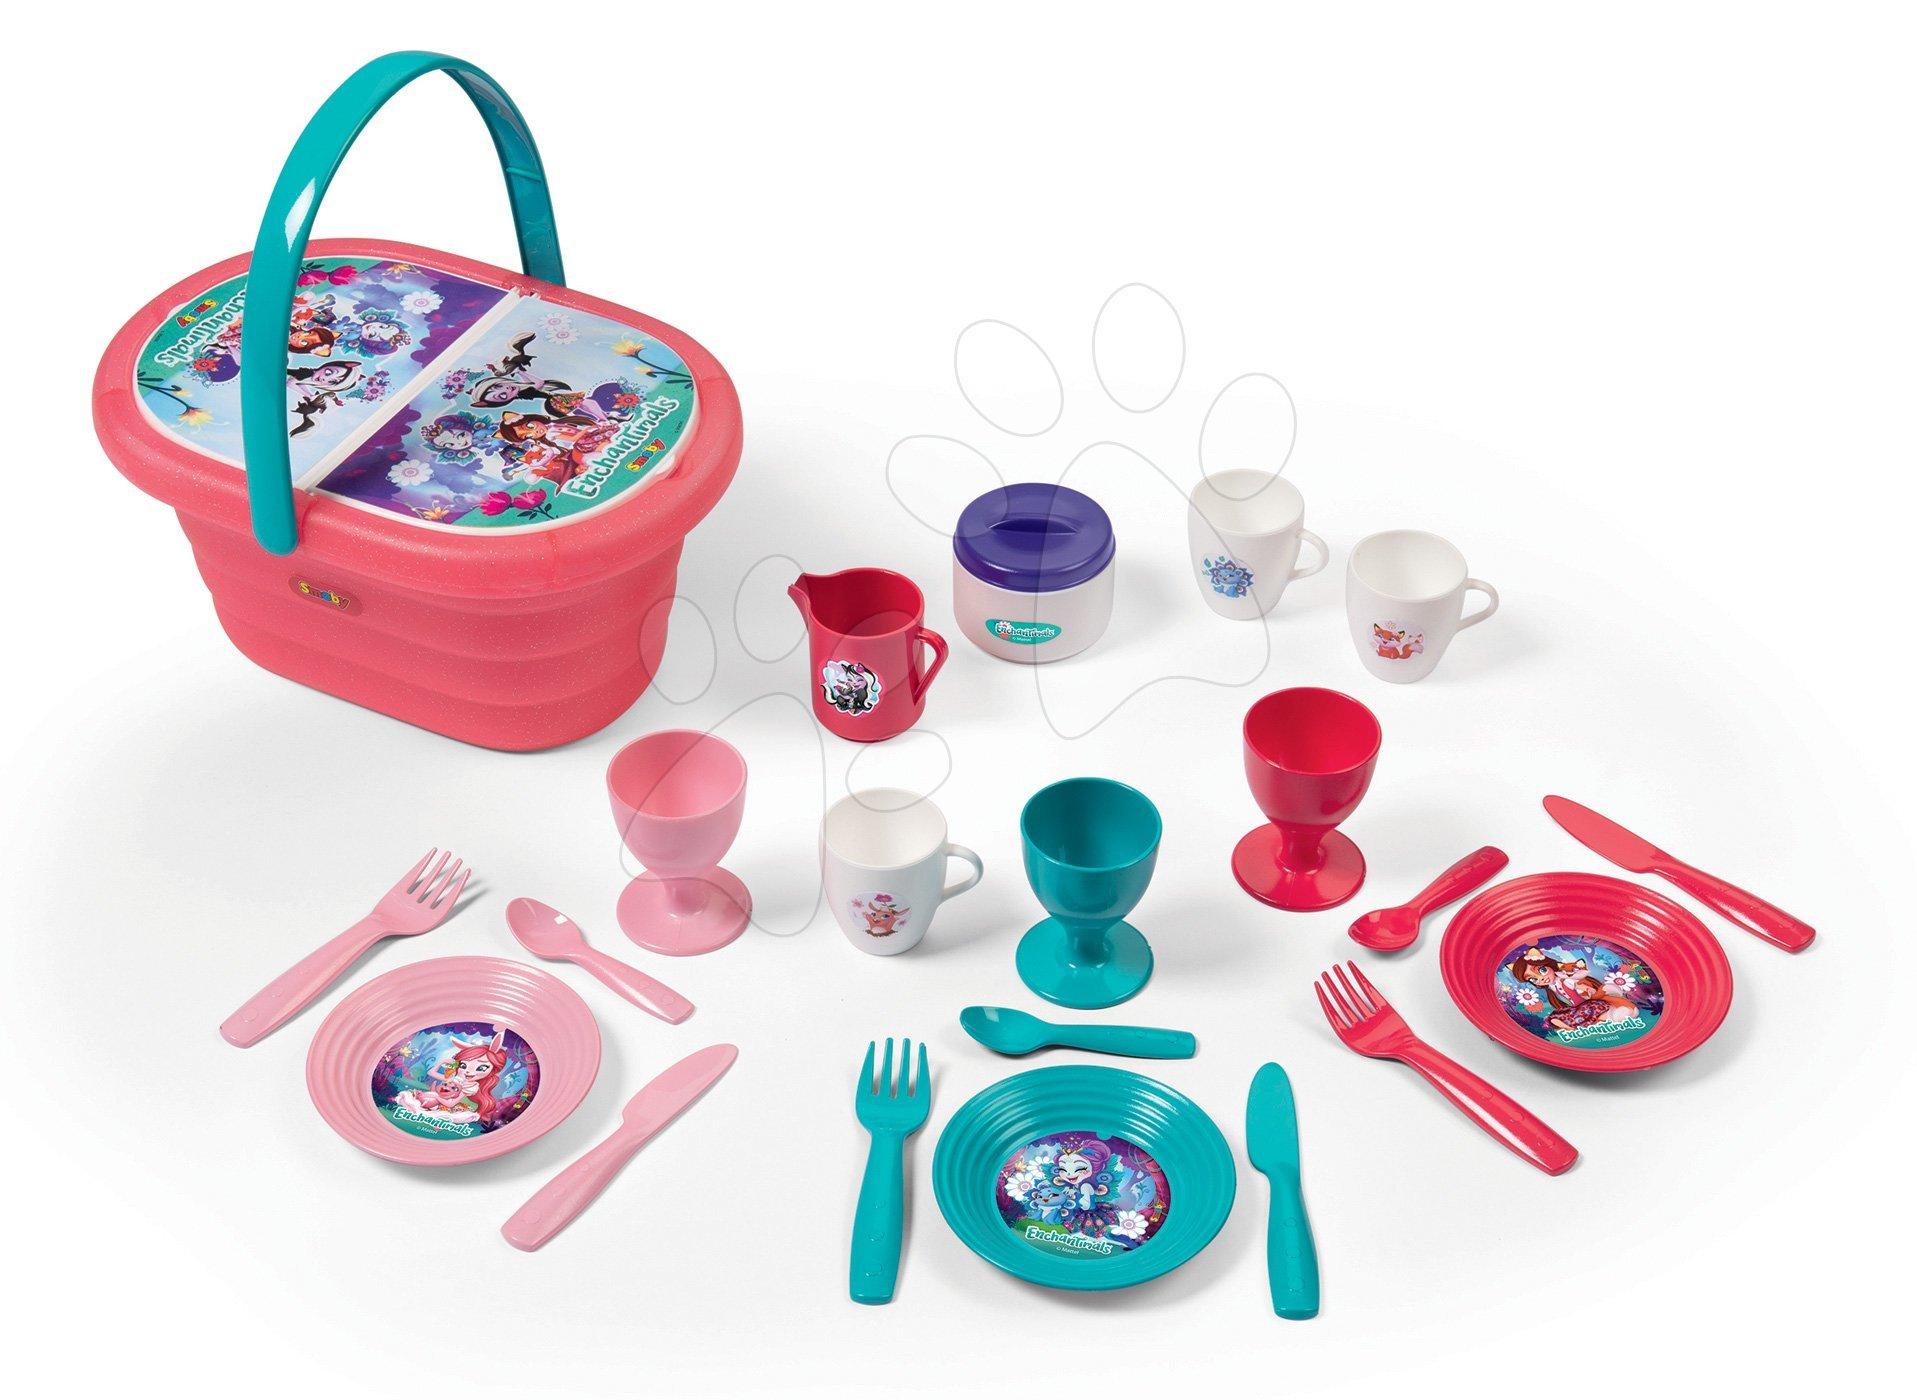 Košík s jídelní soupravou a pohárky Enchantimals Picnic Basket Smoby s 21 doplňky